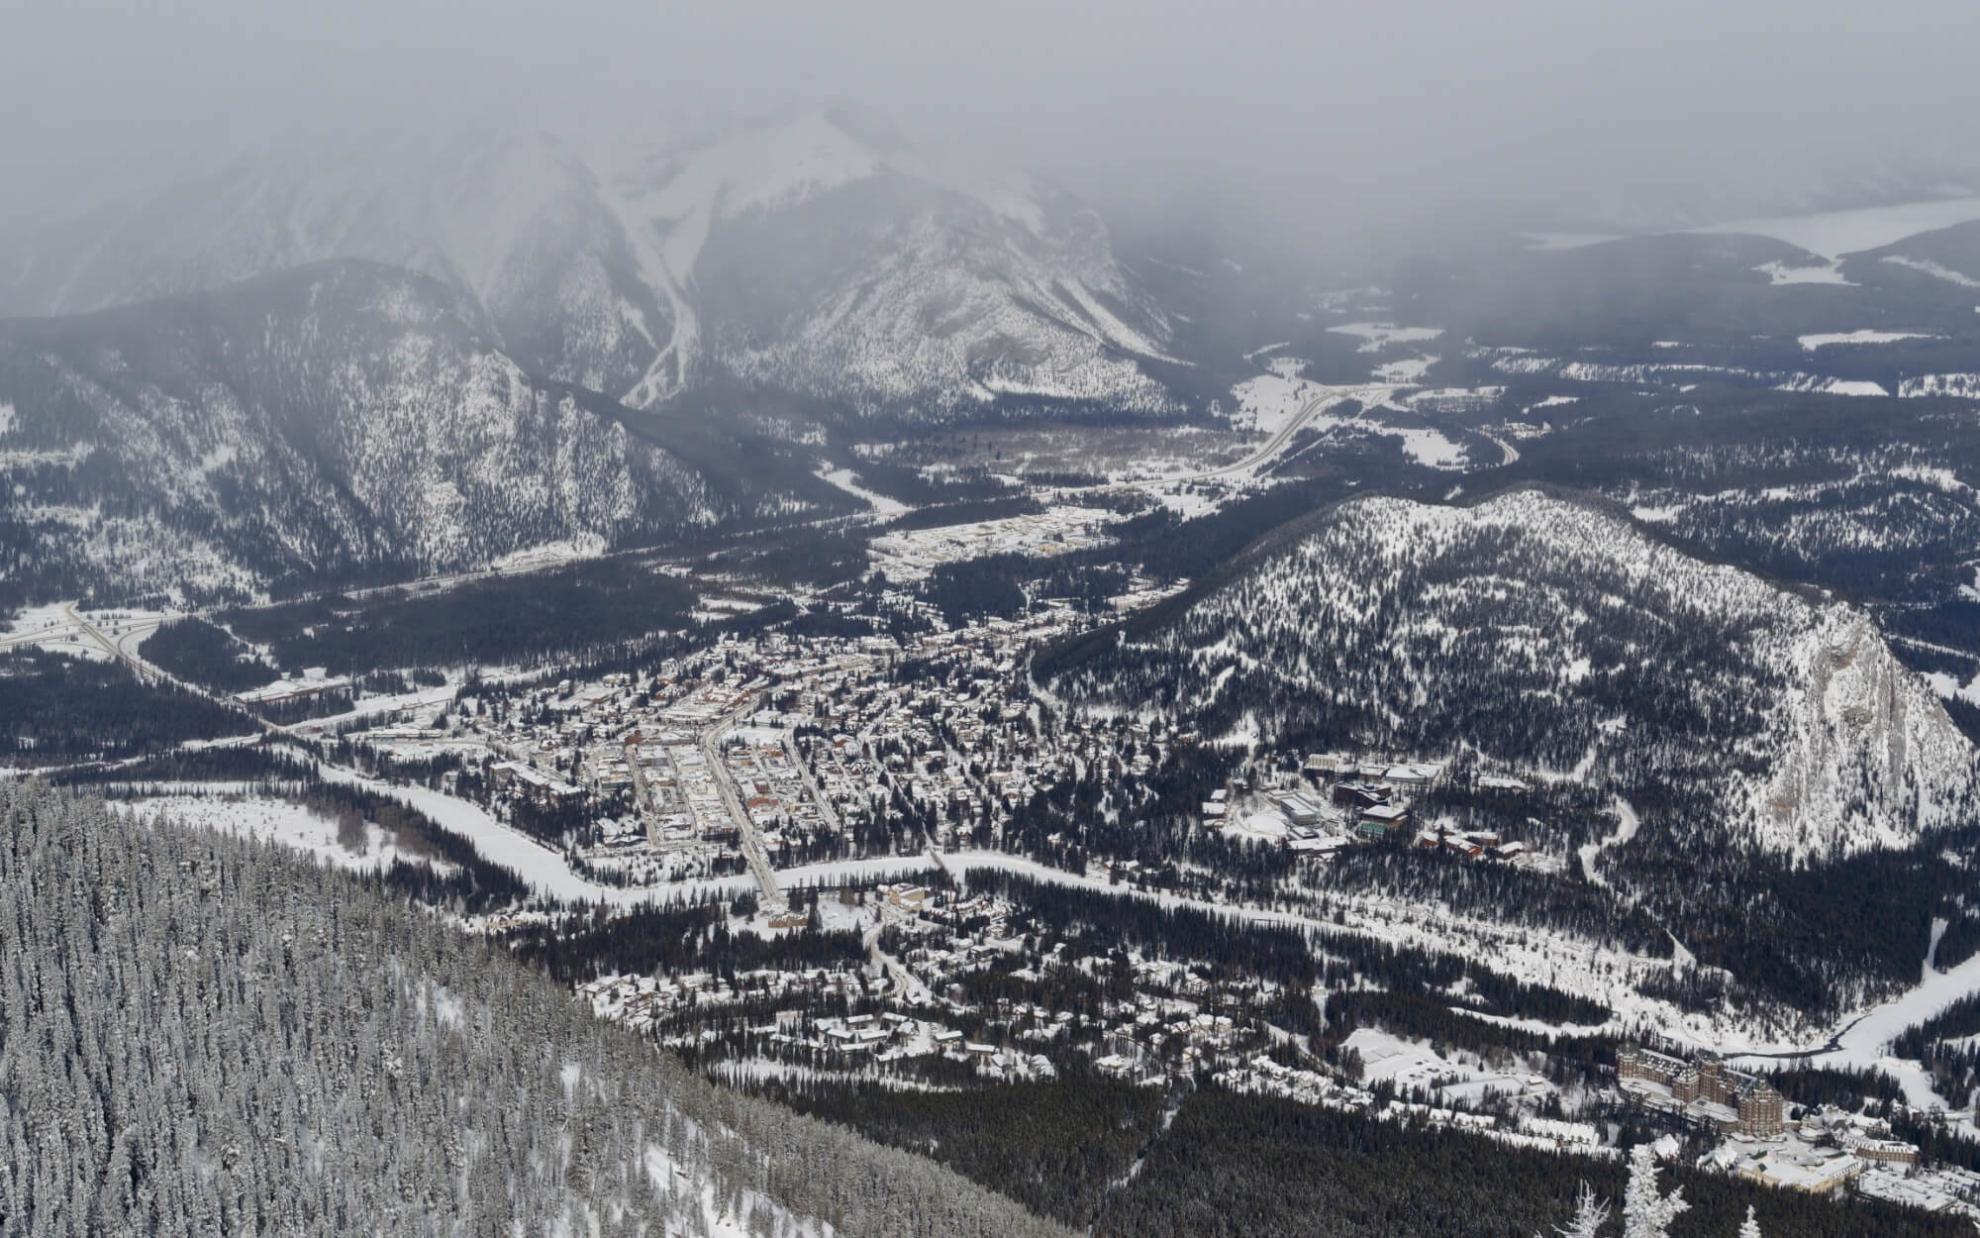 Blick auf die Stadt Banff vom Gipfel des Sulphur Mountain